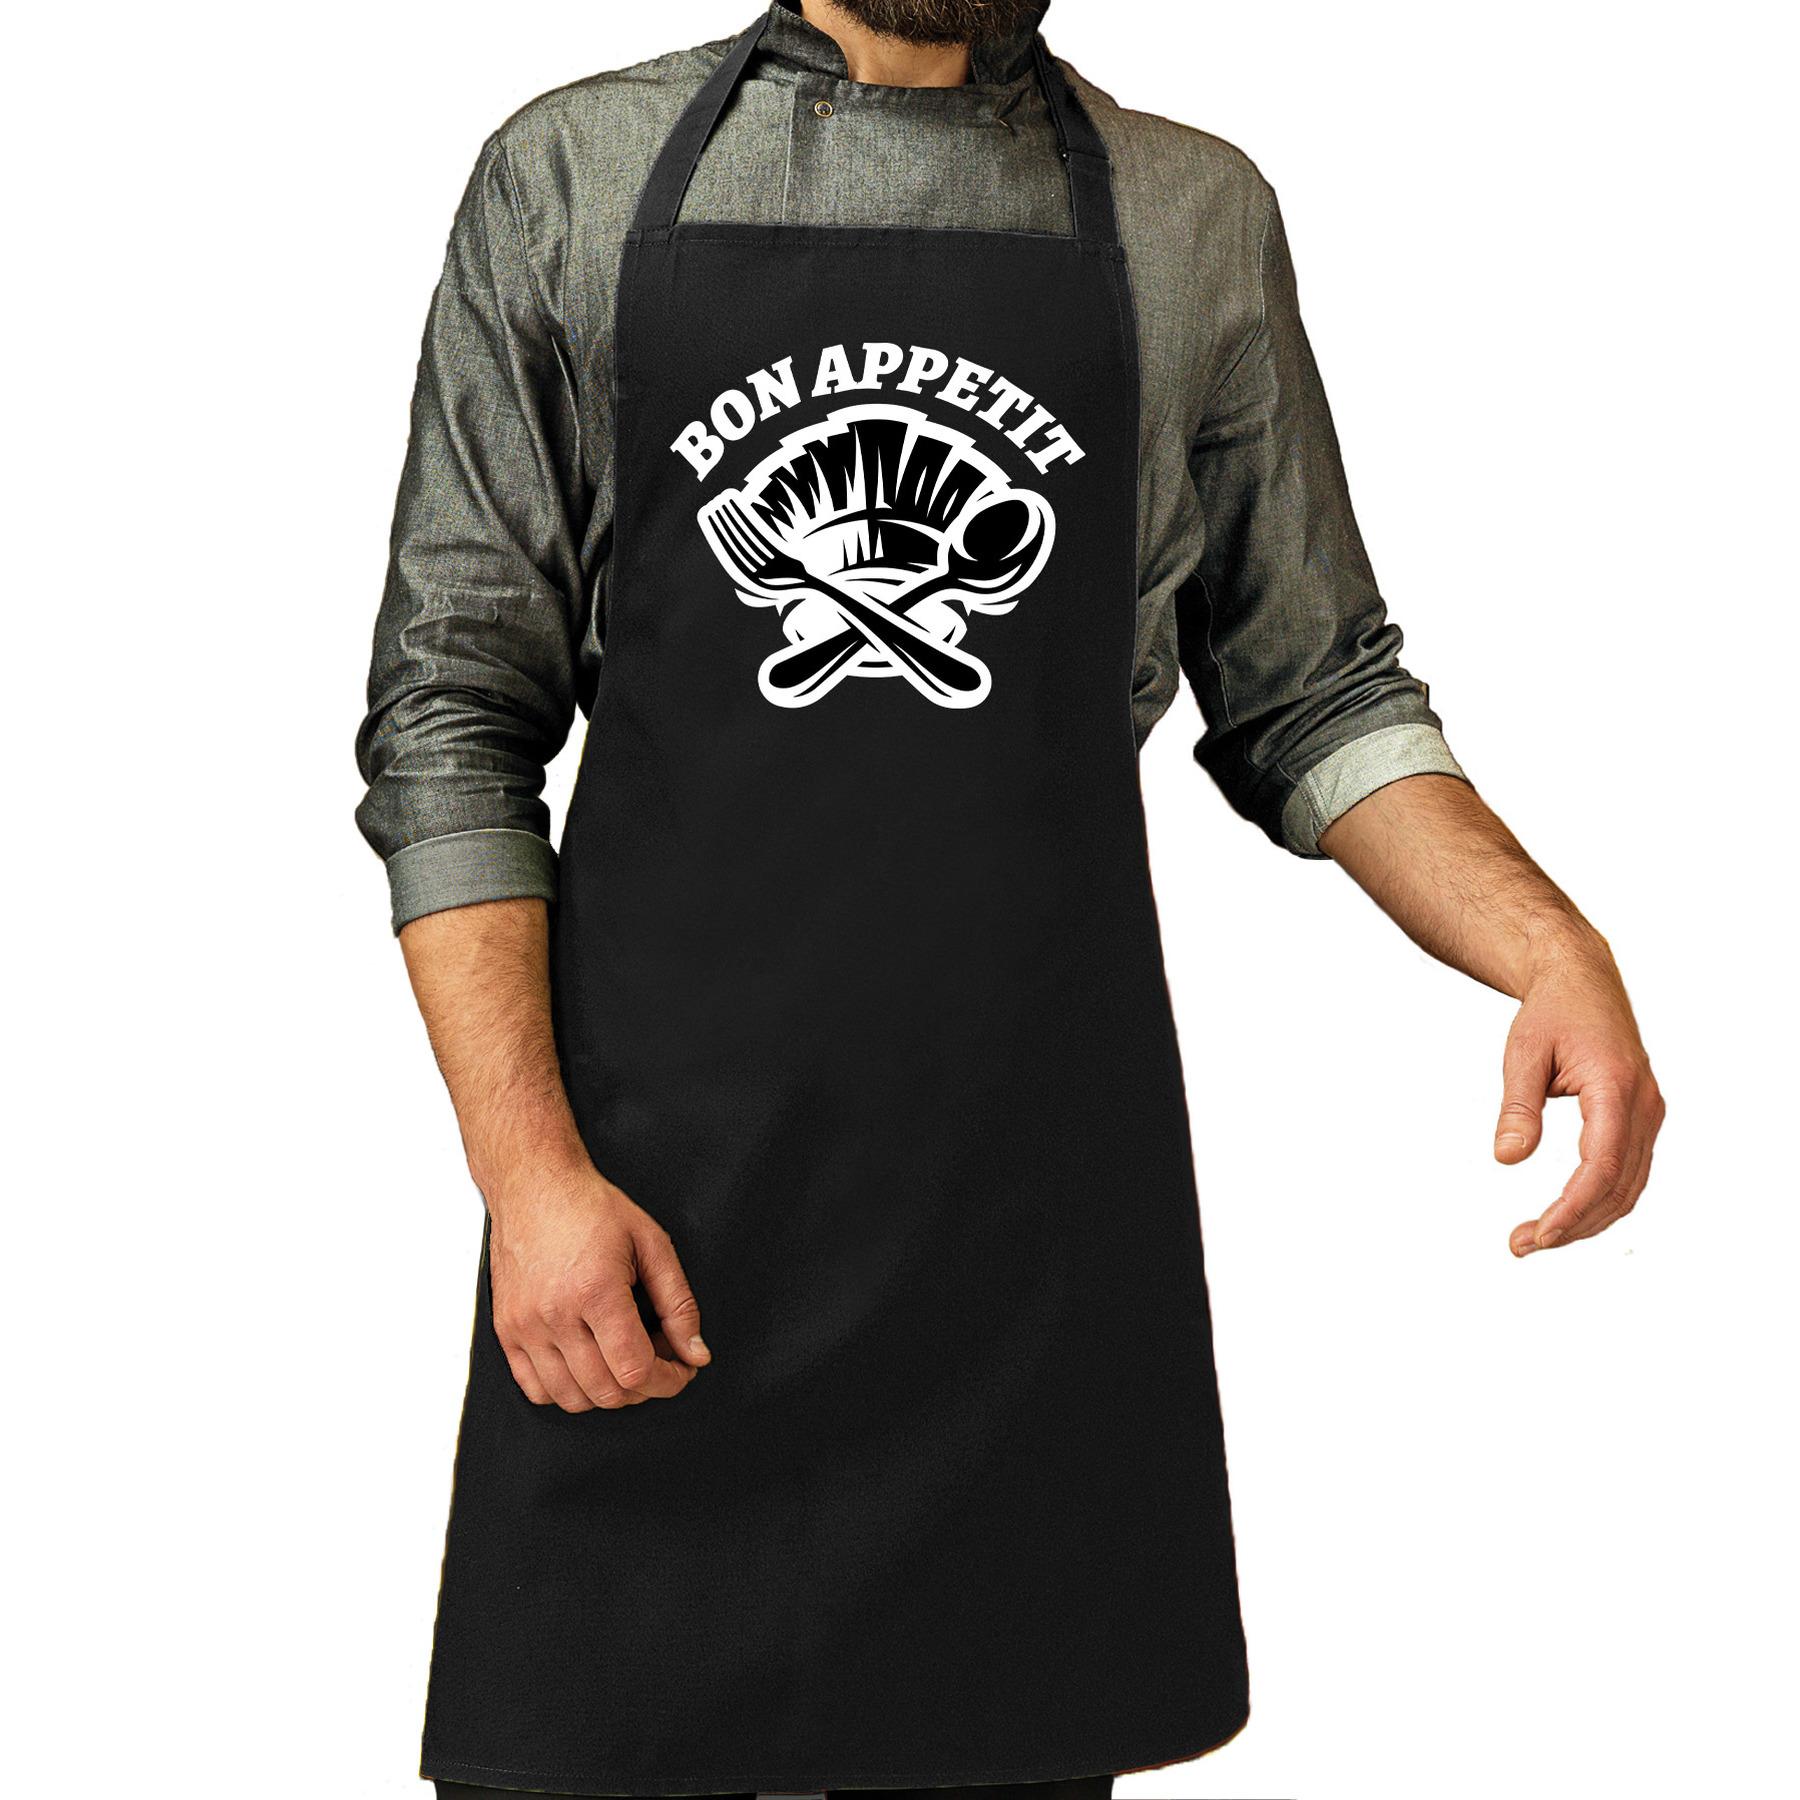 Bon appetit bbq schort - keukenschort zwart heren